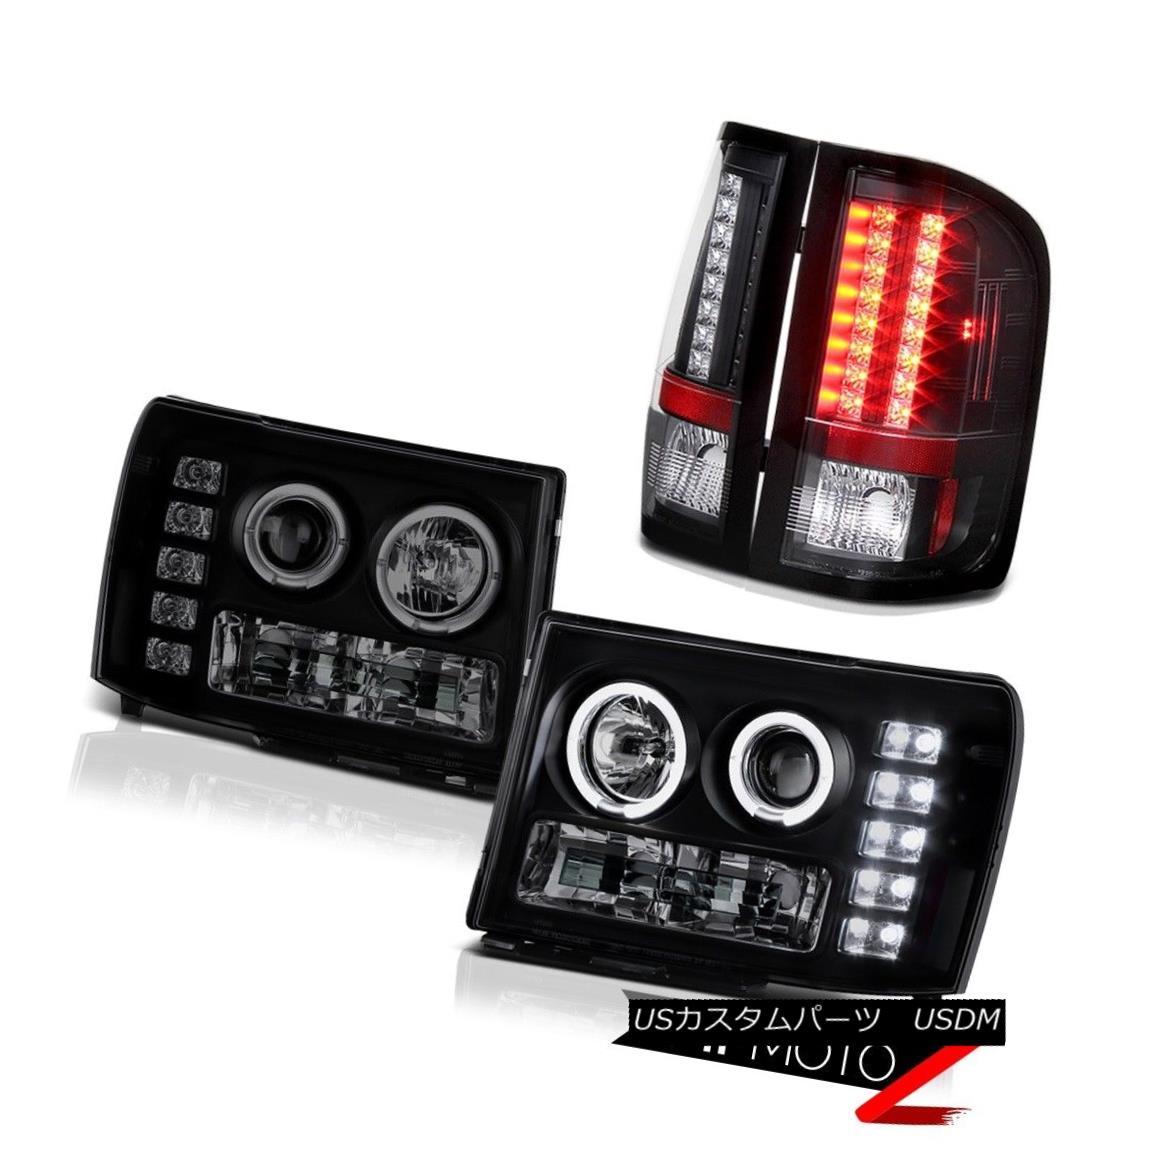 テールライト GMC Sierra 08-14 Dually SLE Halo SINSTER BLACK Headlights SMD Brake Tail Lights GMC Sierra 08-14二重SLE Halo SINISTER BLACKヘッドライトとブレーキテールライト